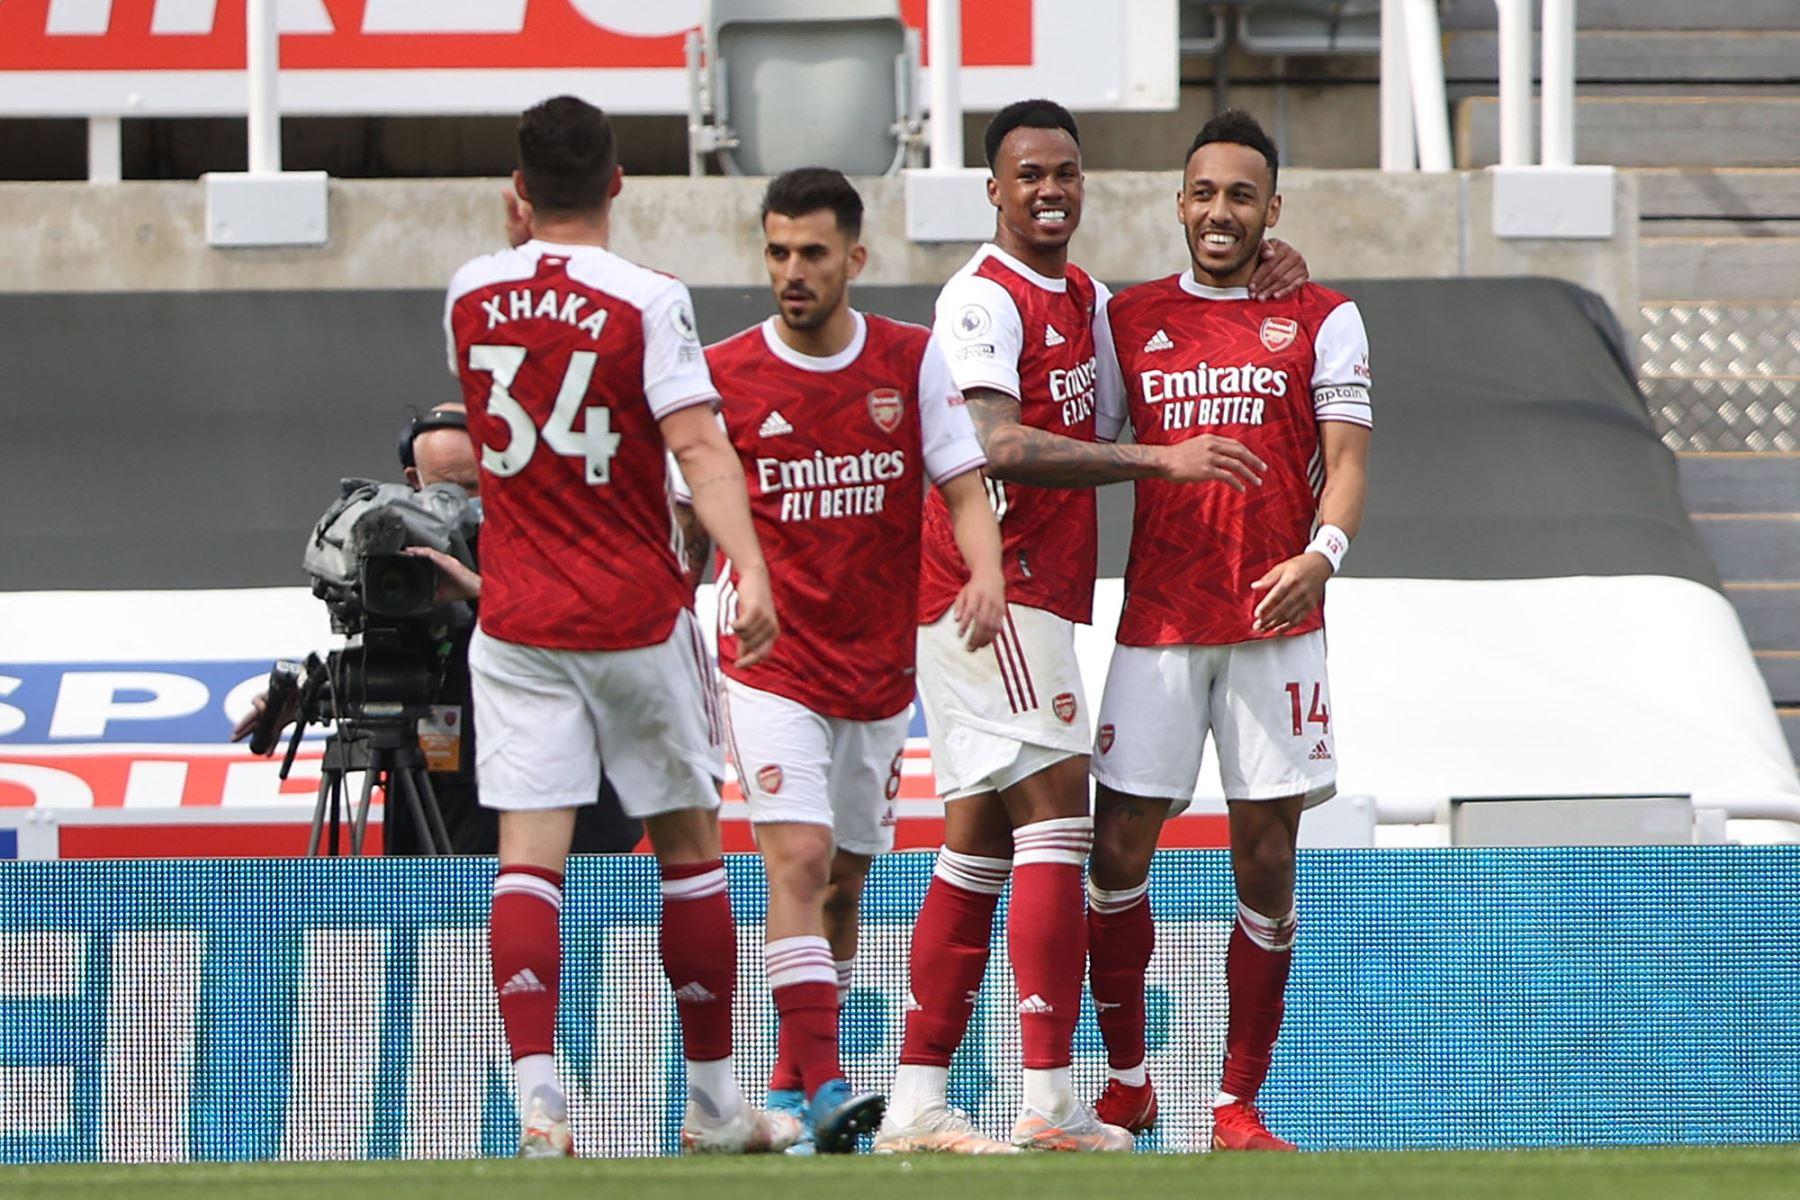 El delantero gabonés del Arsenal Pierre-Emerick Aubameyang celebra anotar el segundo gol de su equipo con sus compañeros durante el partido de fútbol de la Premier League inglesa entre el Newcastle United y el Arsenal. Foto: AFP